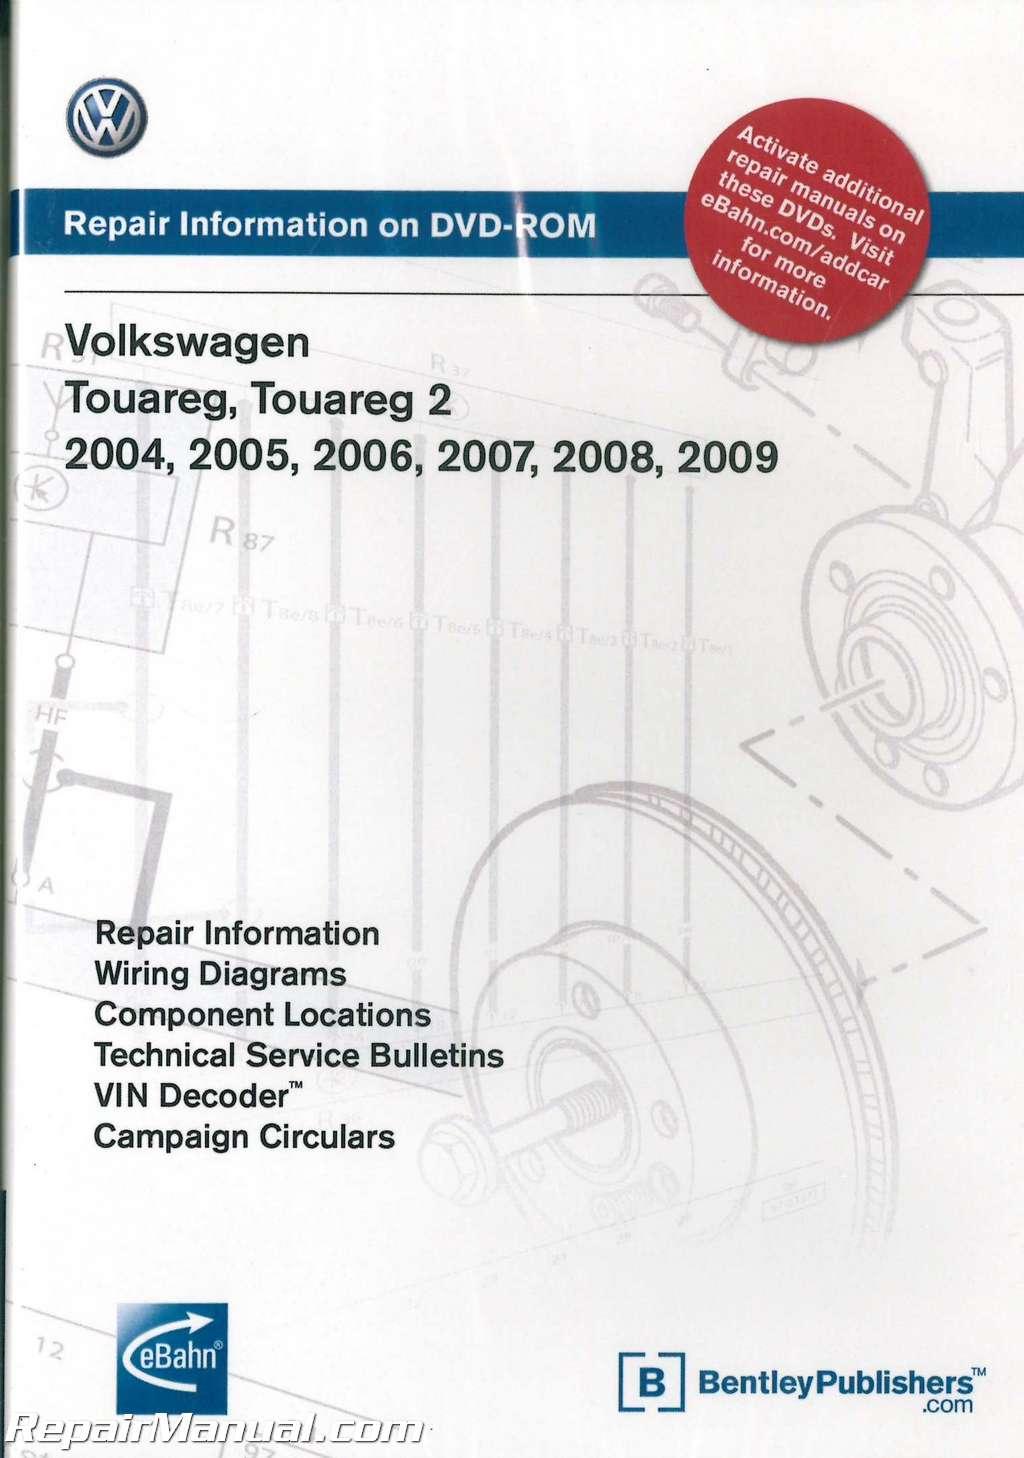 2006 volkswagen touareg wiring diagram 2006 volkswagen touareg2006 volkswagen touareg wiring diagram